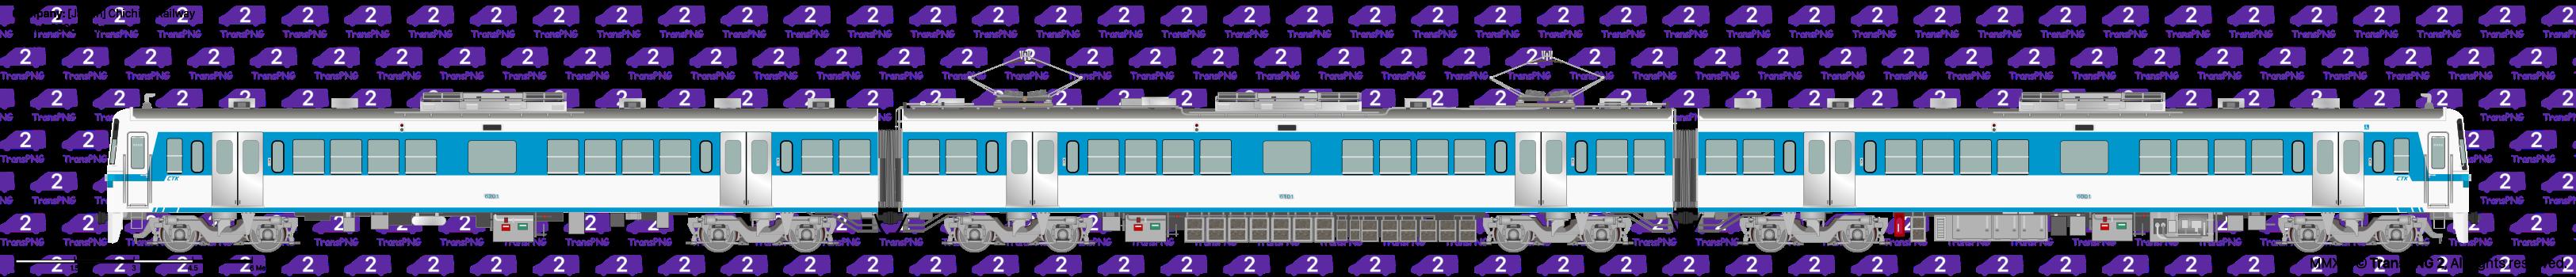 鉄道列車 24031